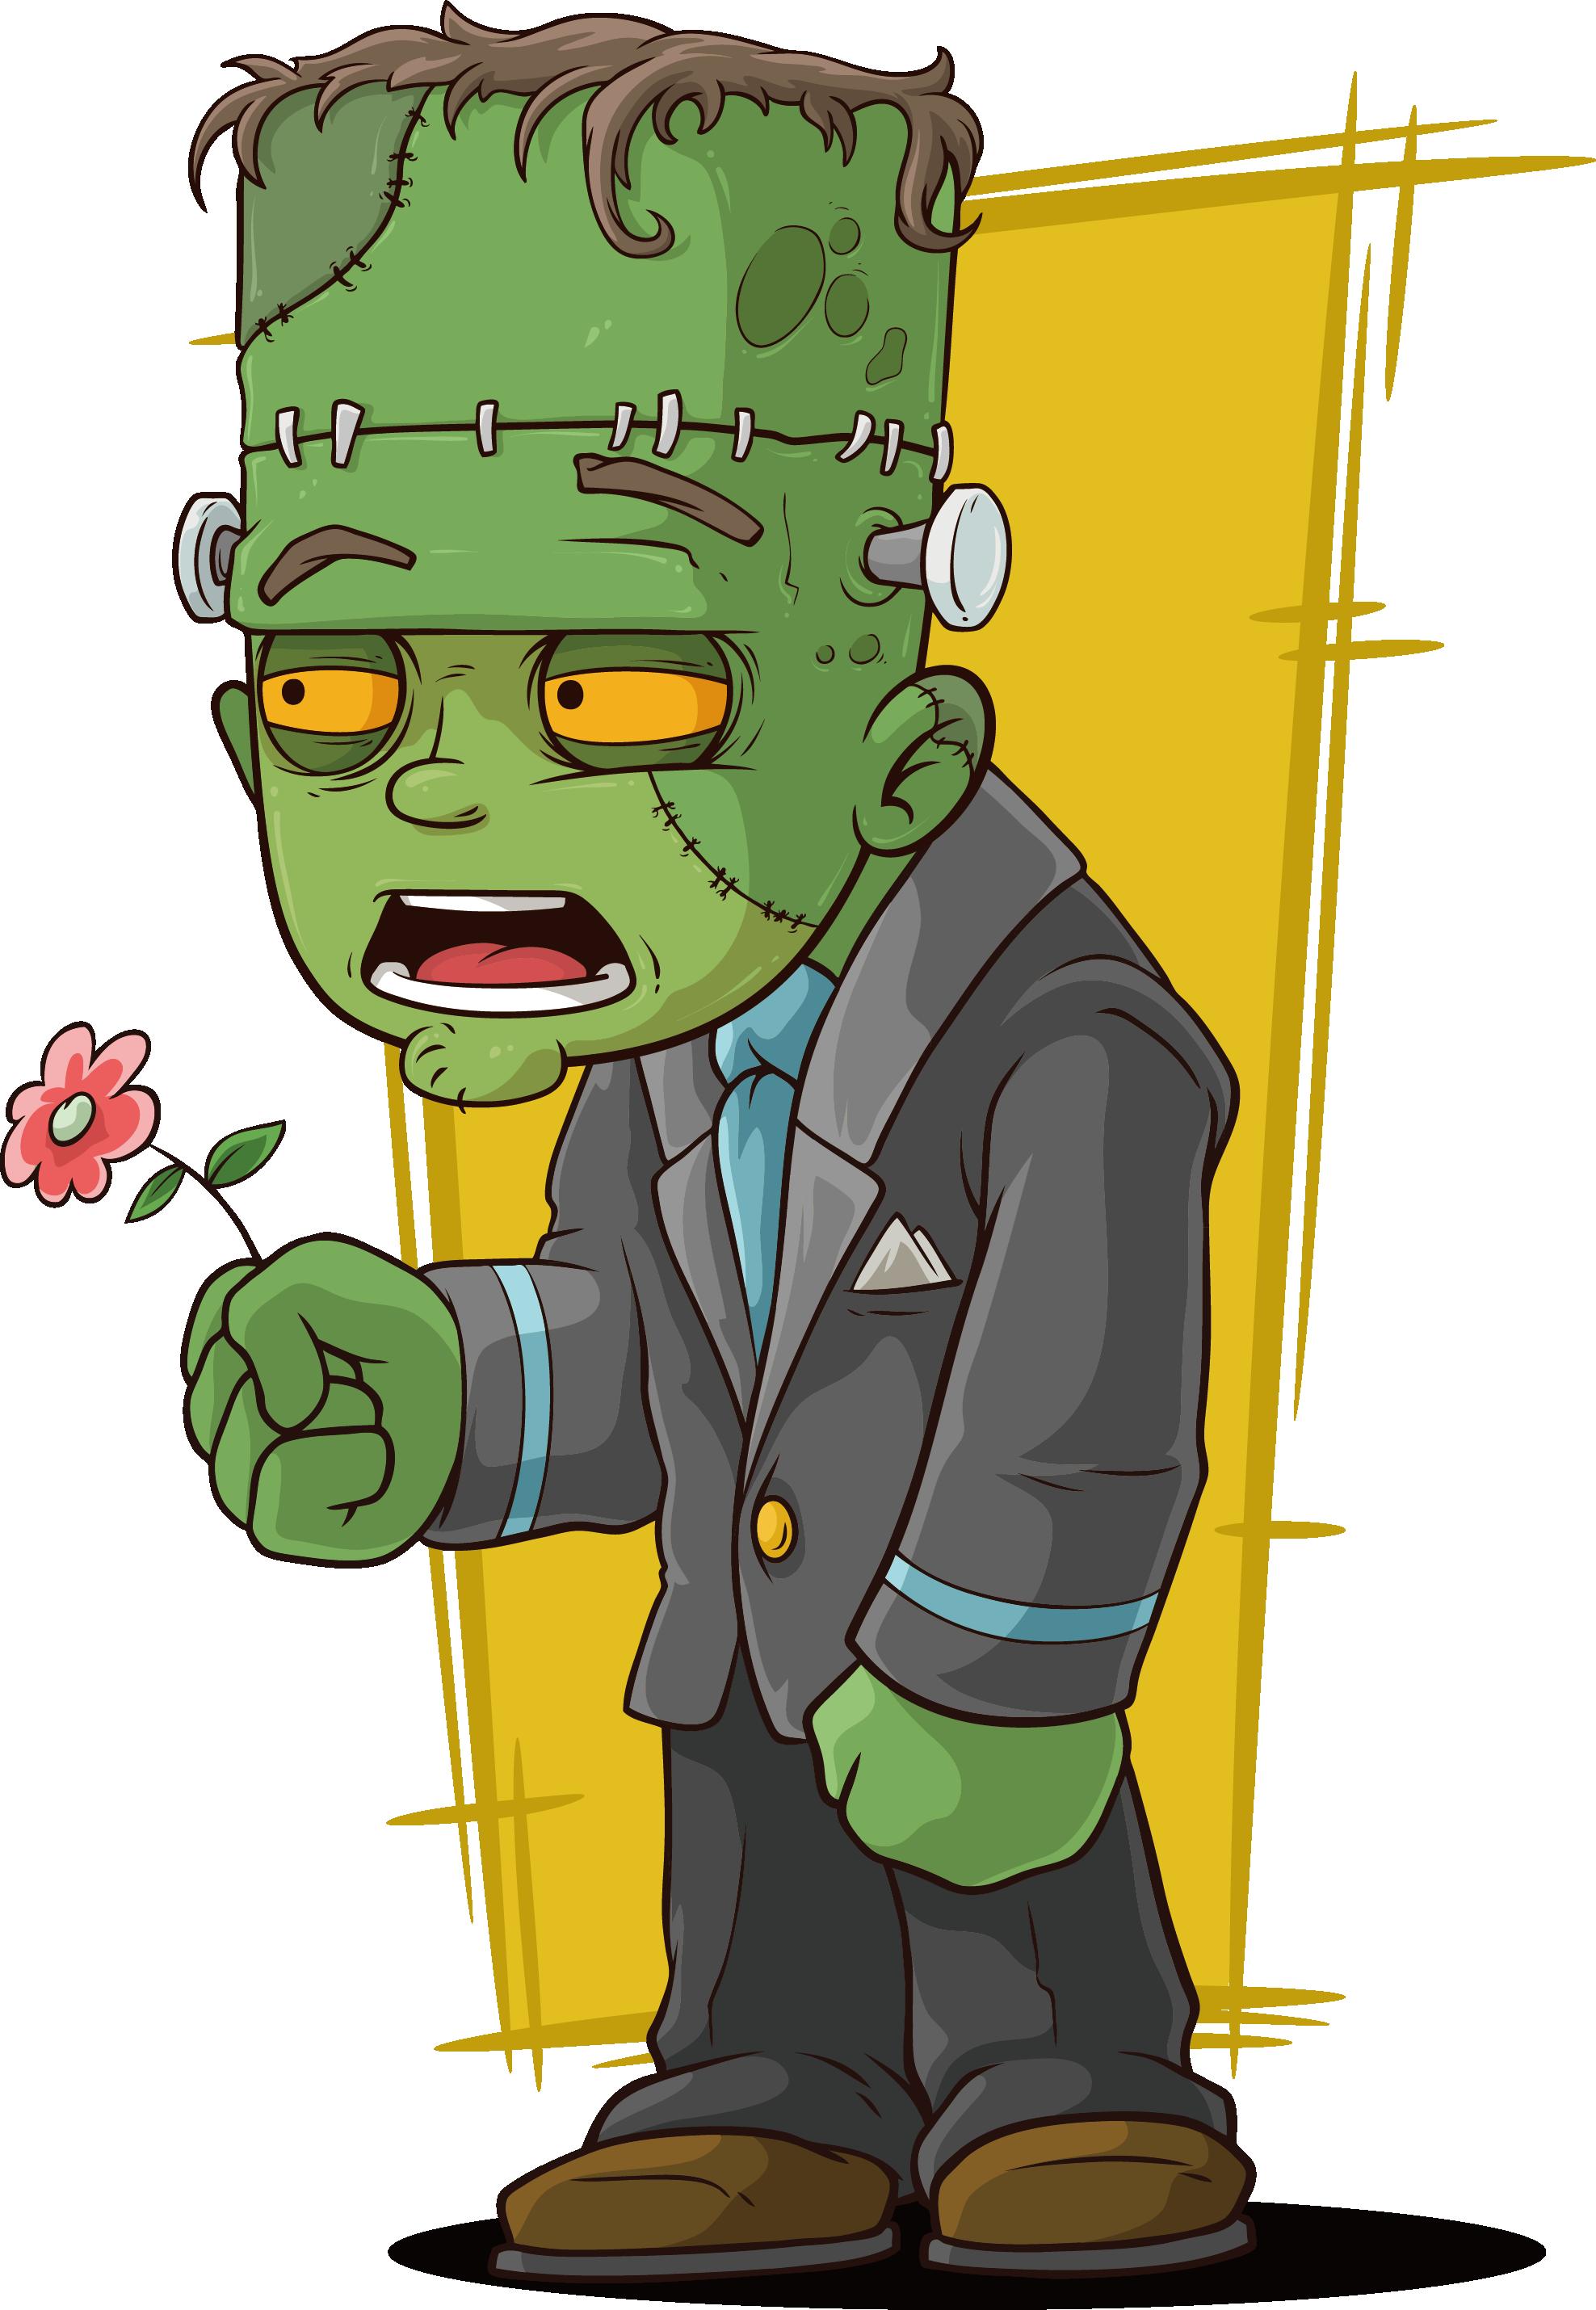 Zombie clipart green hand. Frankensteins monster cartoon zombies